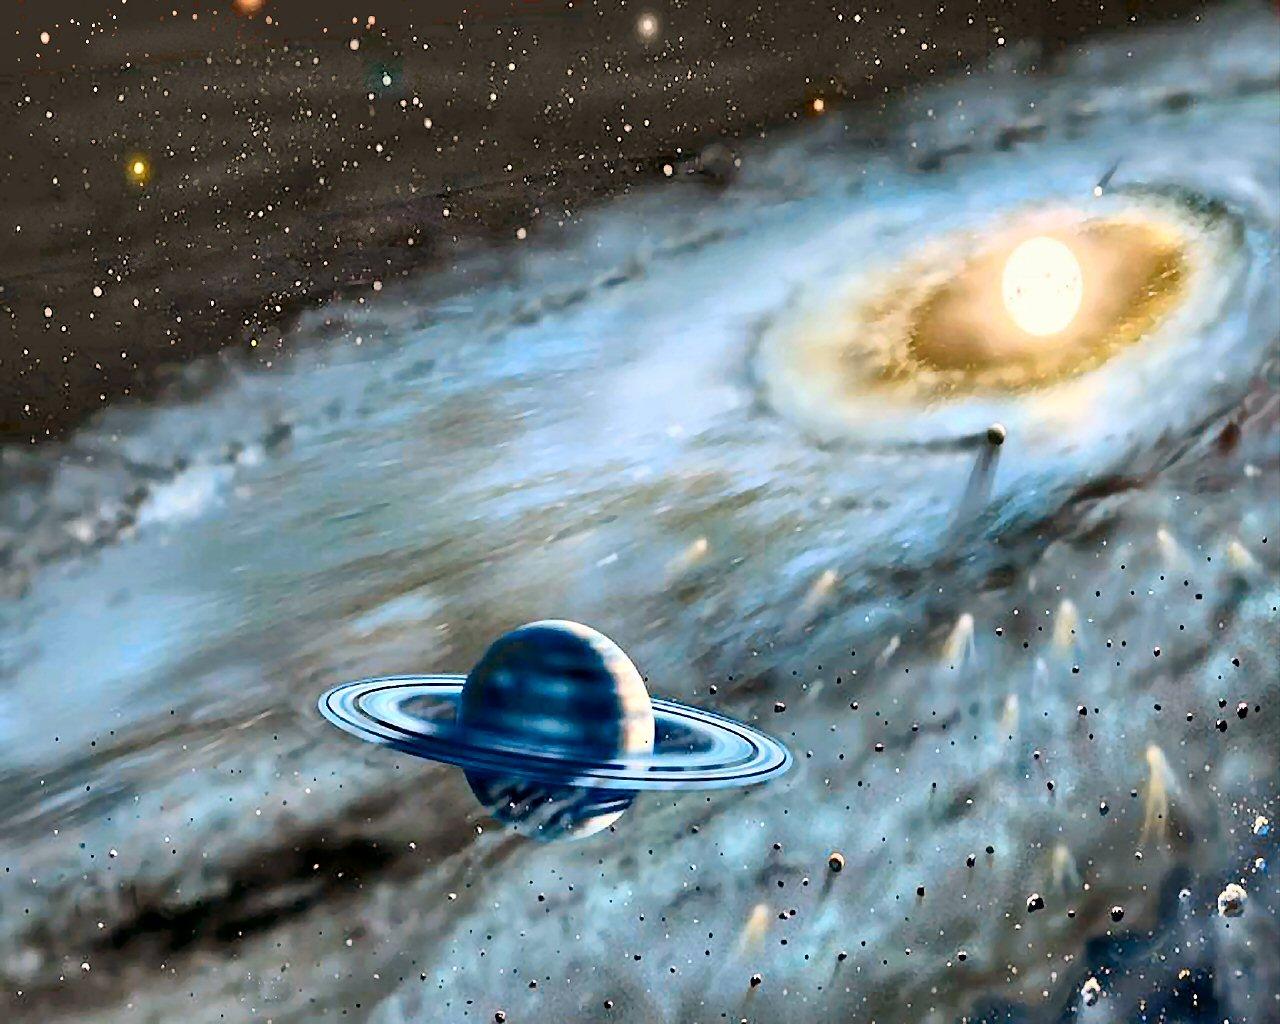 Lega главная 2012 июль 2 космос 15 55 космос